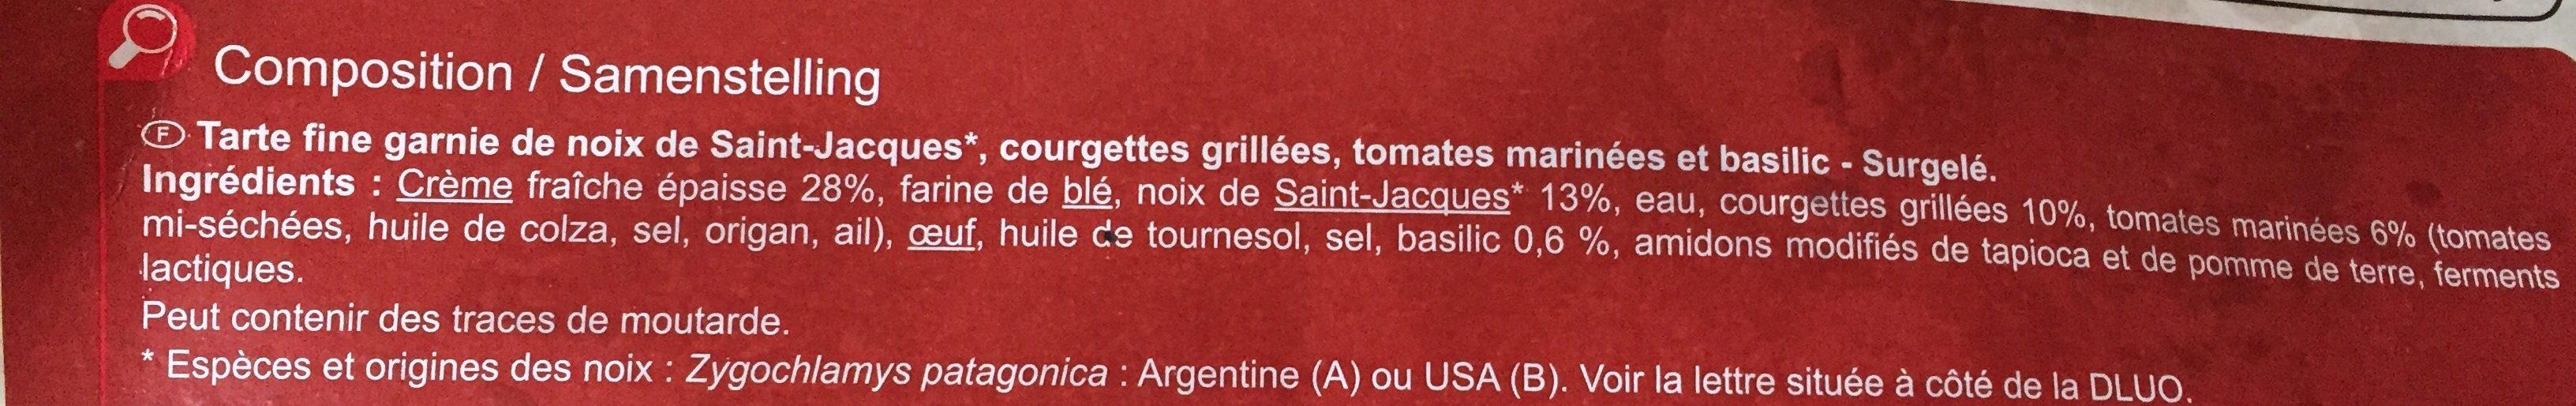 Tarte Fine, Noix de Saint-jacques et Courgettes grillées - Ingrediënten - fr